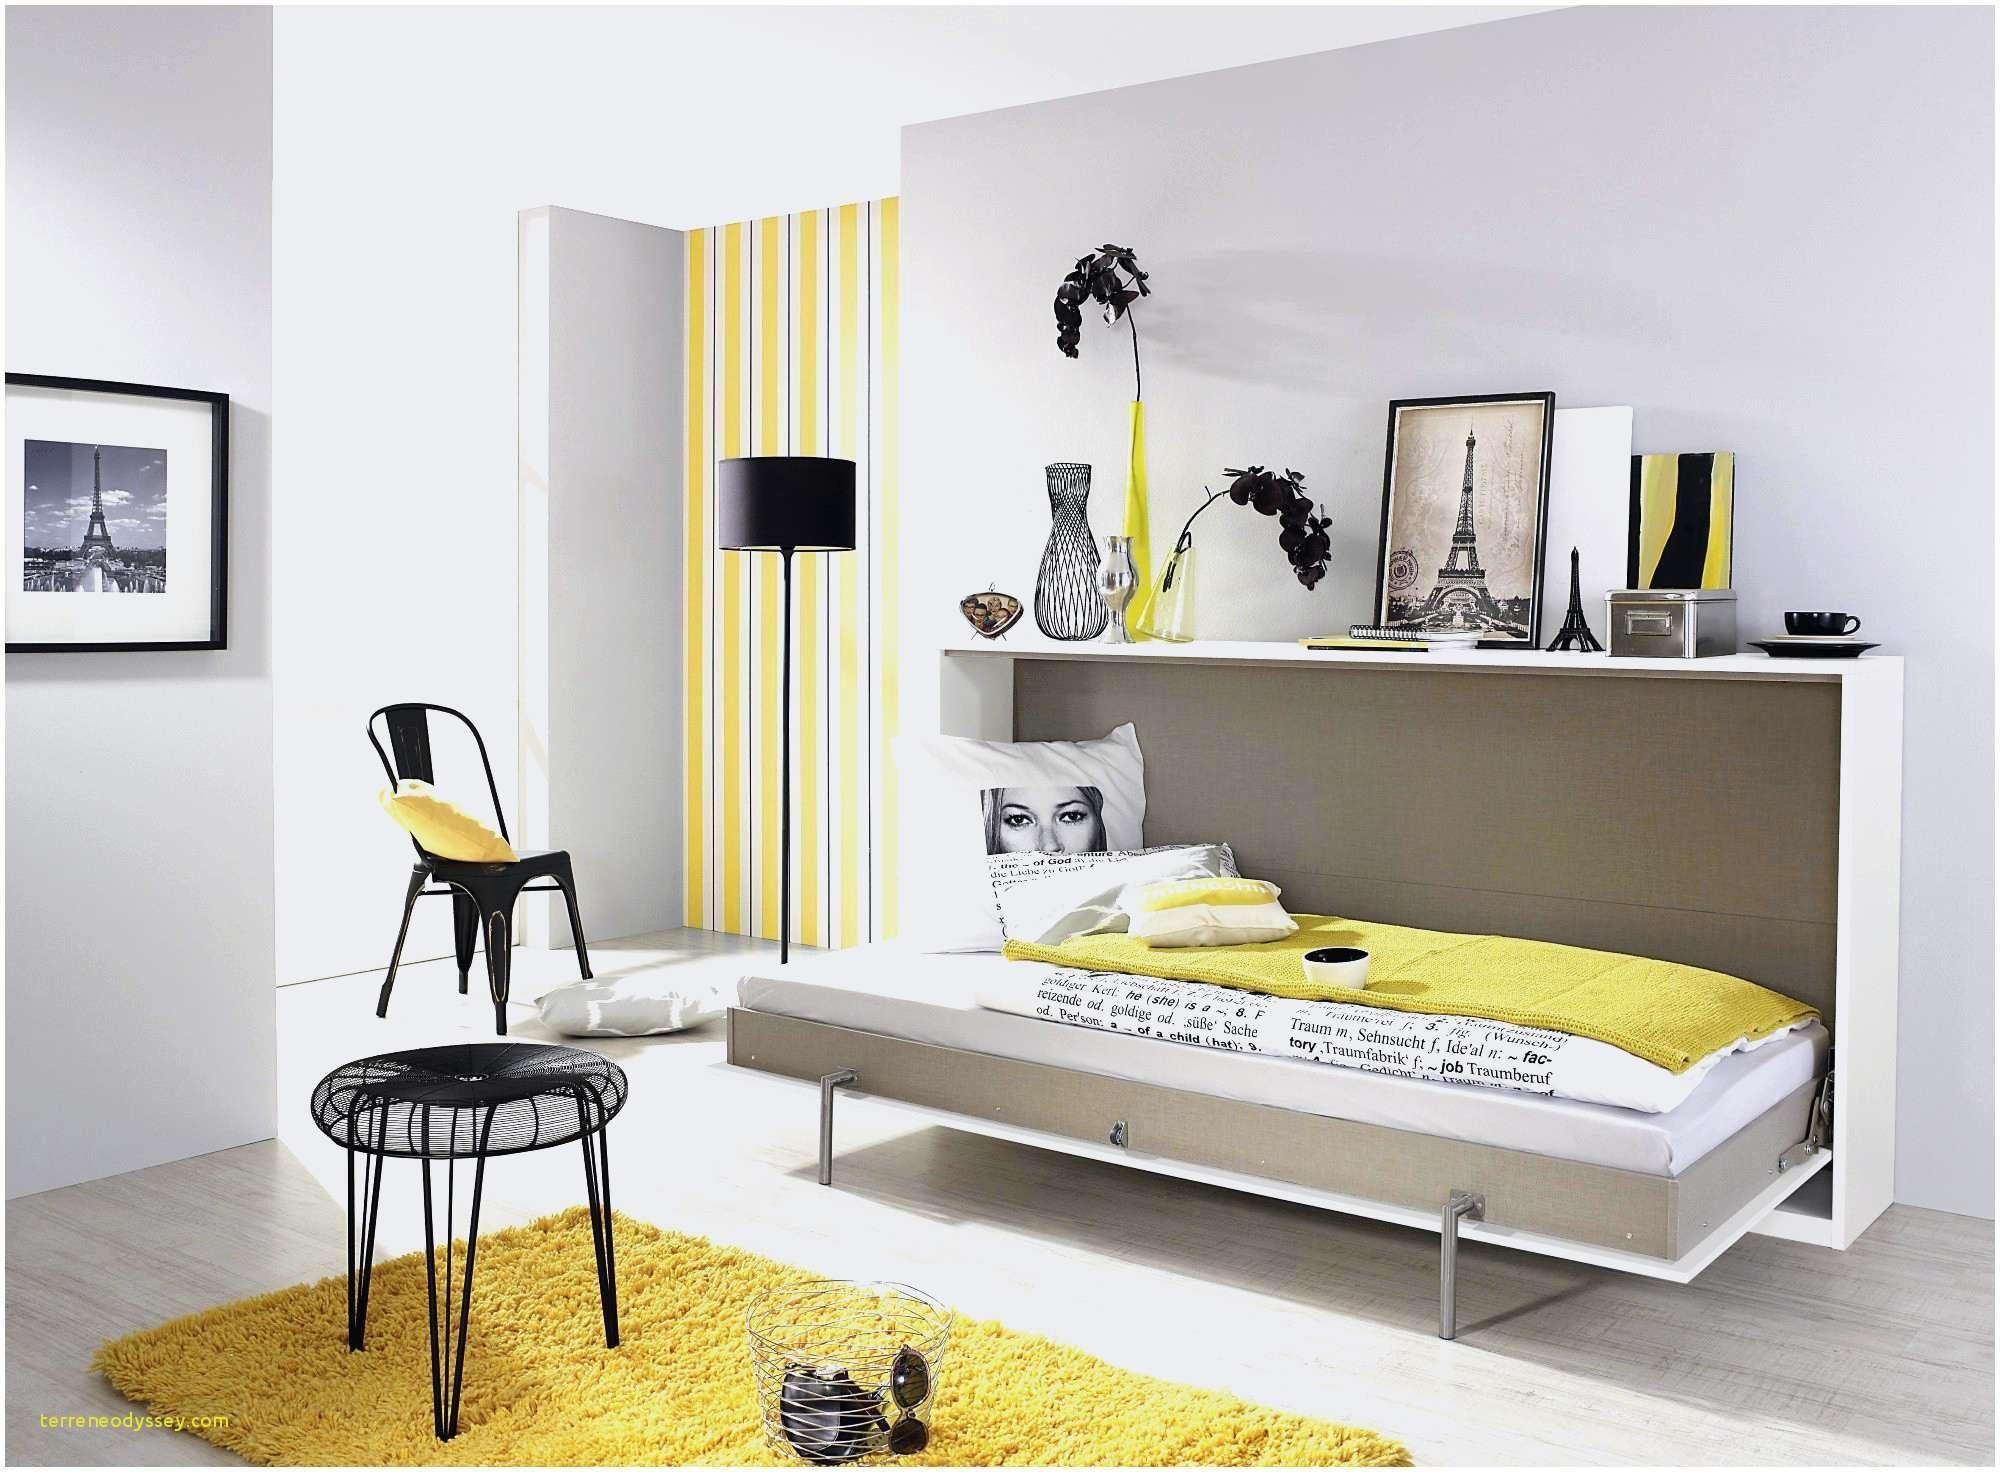 Aménagement sous Lit Mezzanine Magnifique Impressionnant Chambre toit En Pente Pour Option Aménagement sous